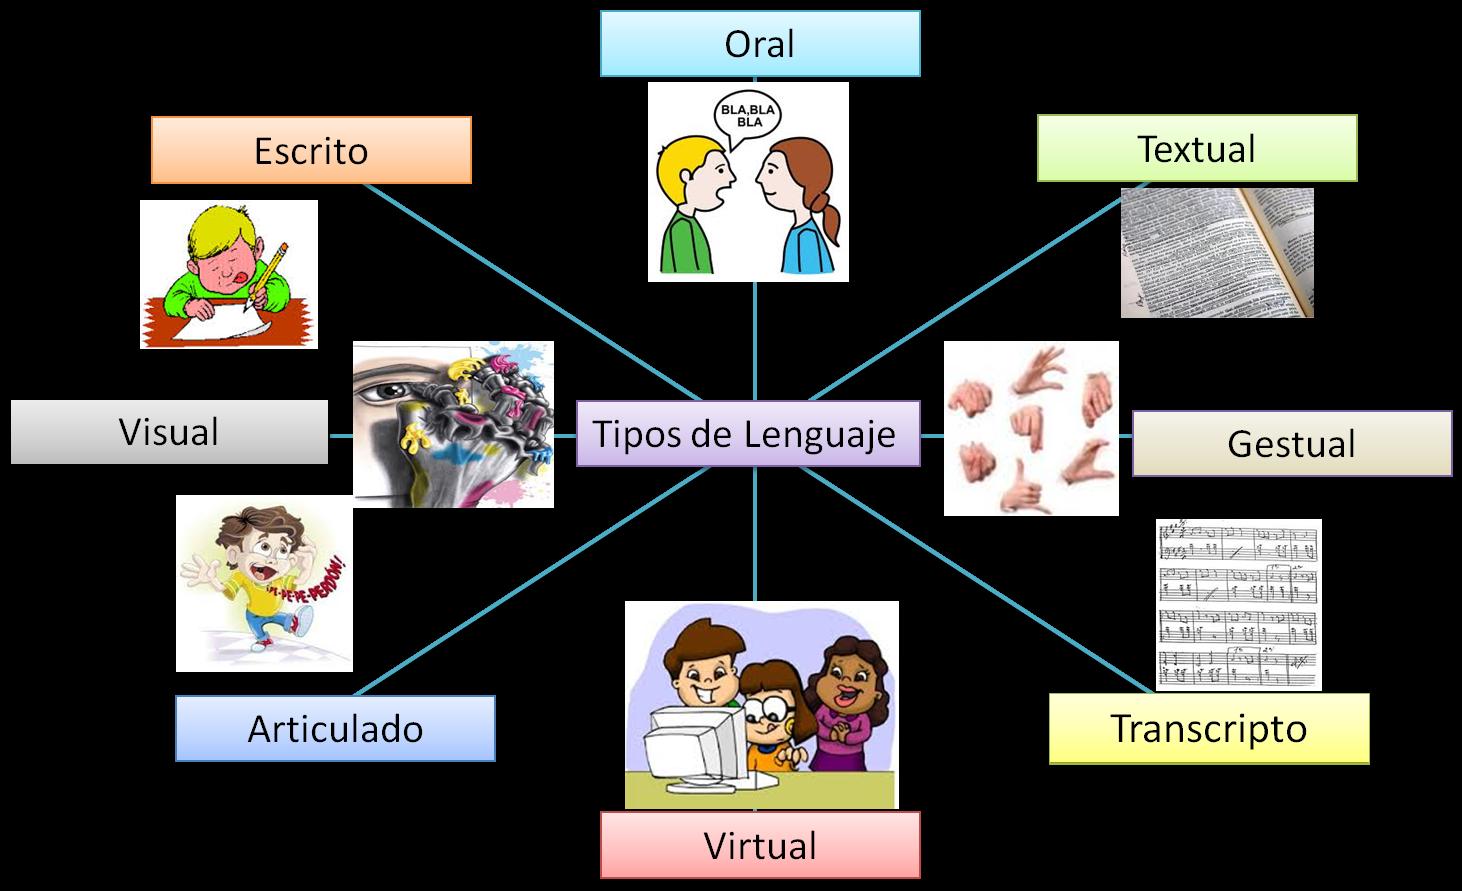 El Saber Expresarse Es Un Proceso Importante Que Nos Acerca A Nuestro Entorno Social Tipos De Lenguaje Elementos De La Comunicacion Actividades De Comunicacion